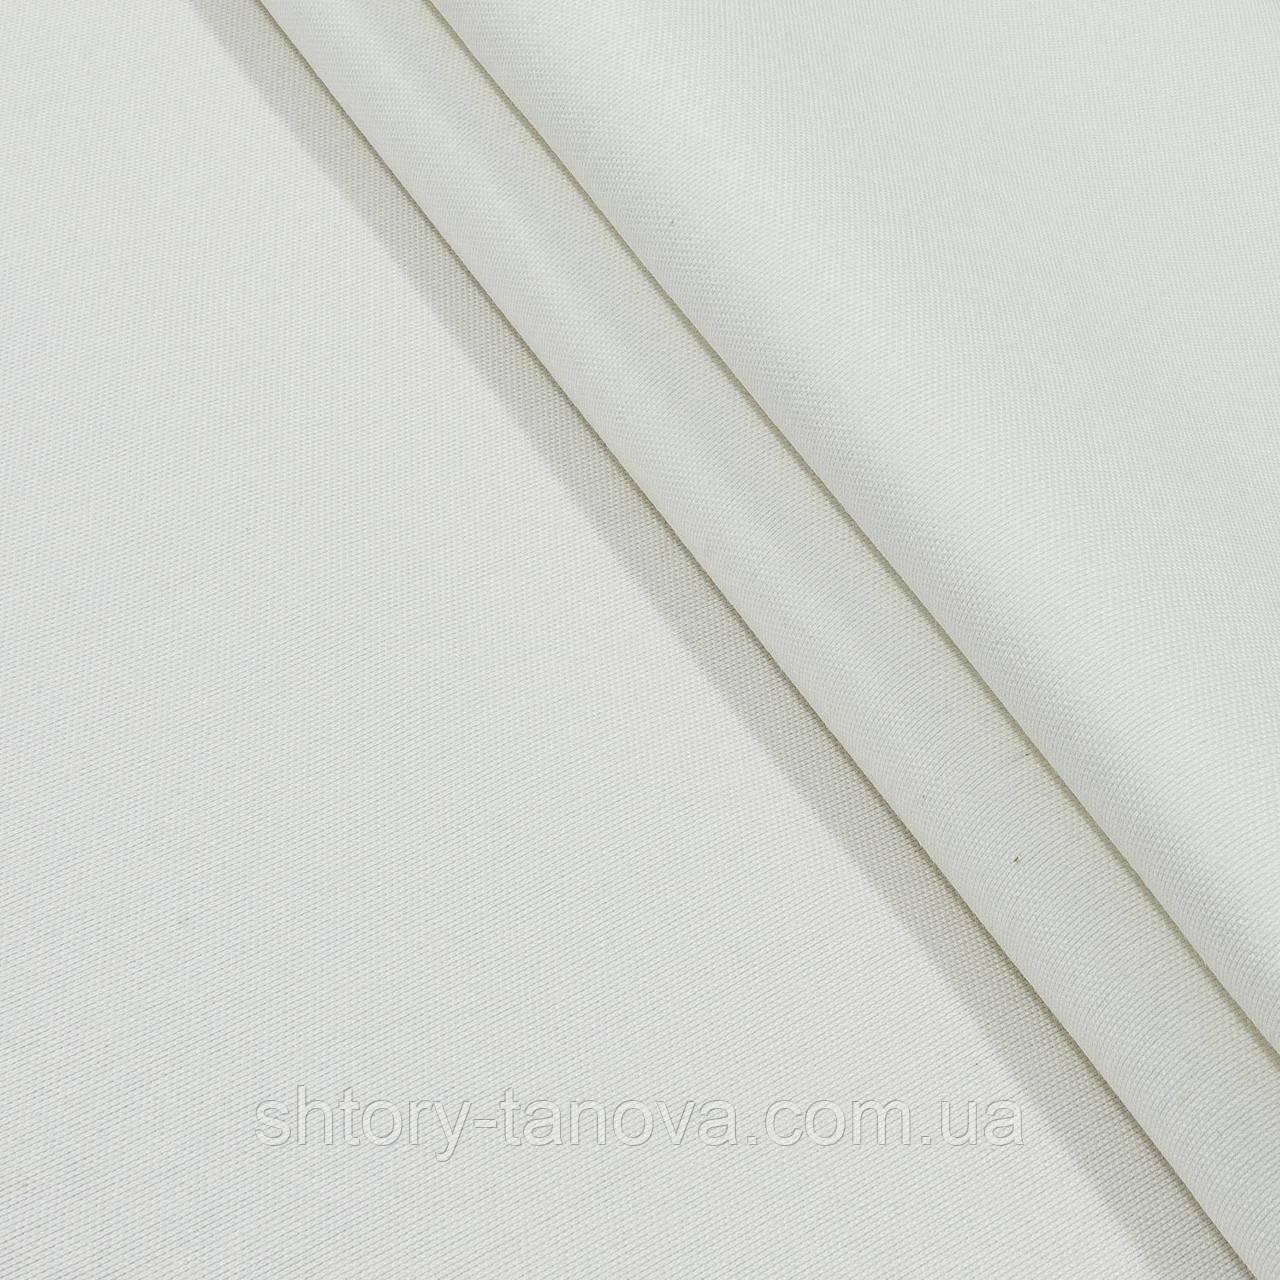 Іспанія натуральна тканина для штор з тефлоновим покриттям молочний